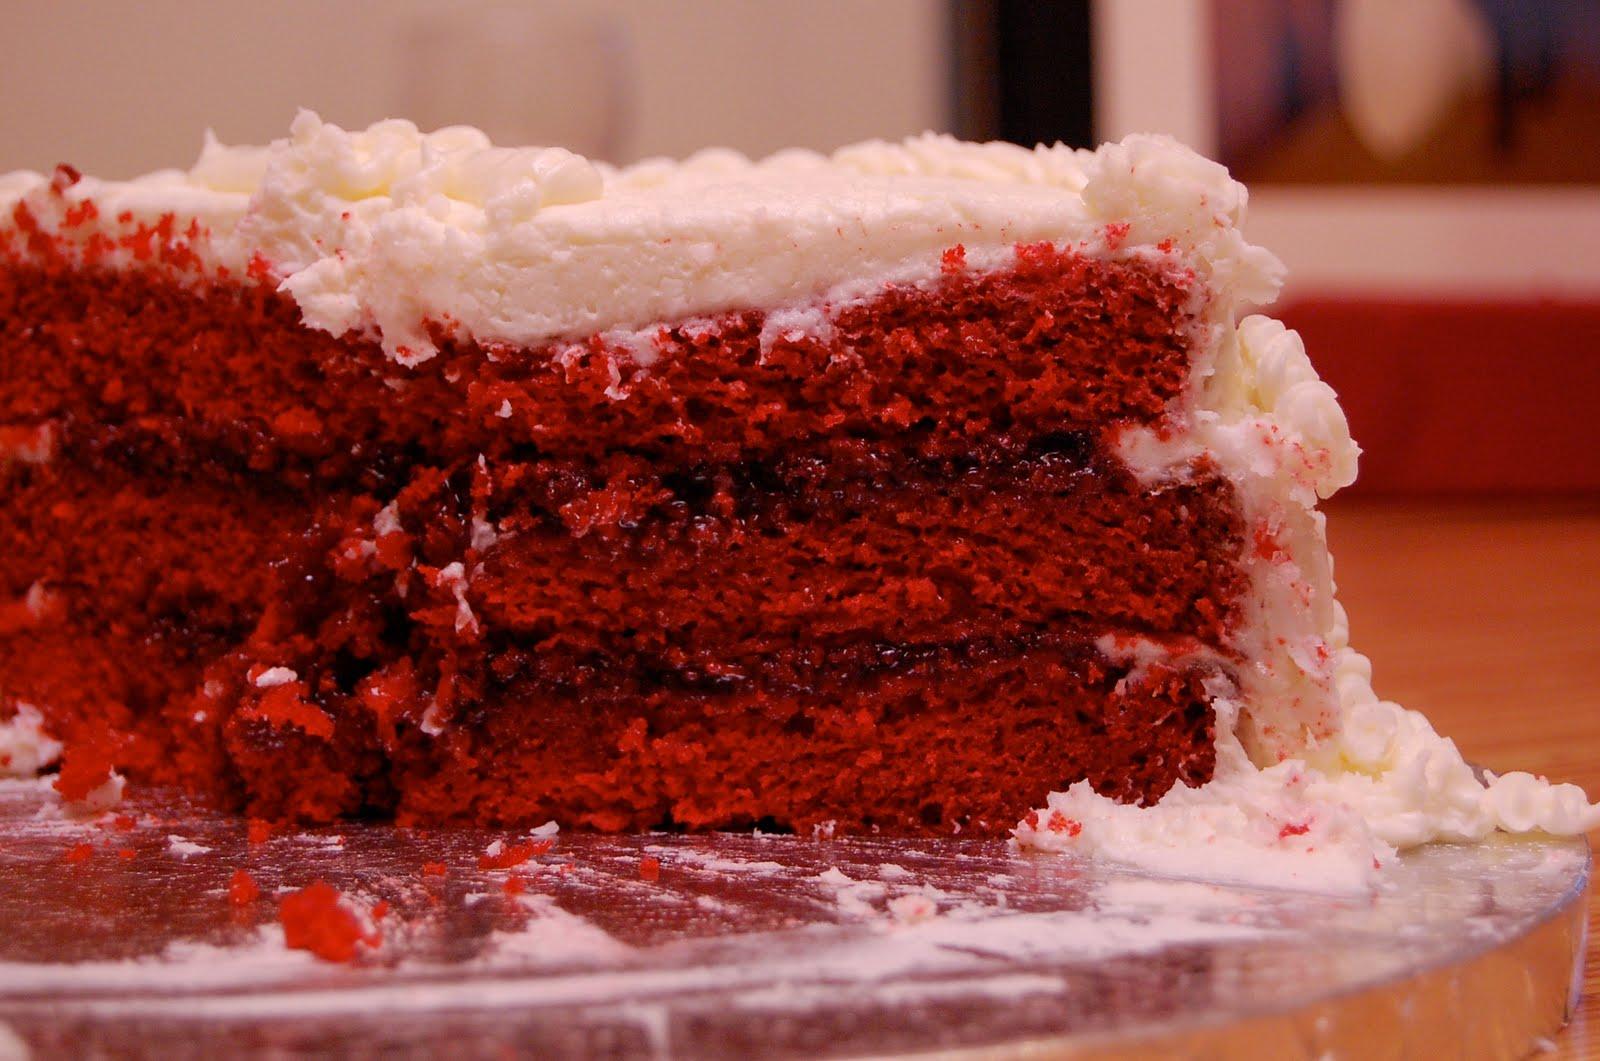 Red Velvet Cake Filling